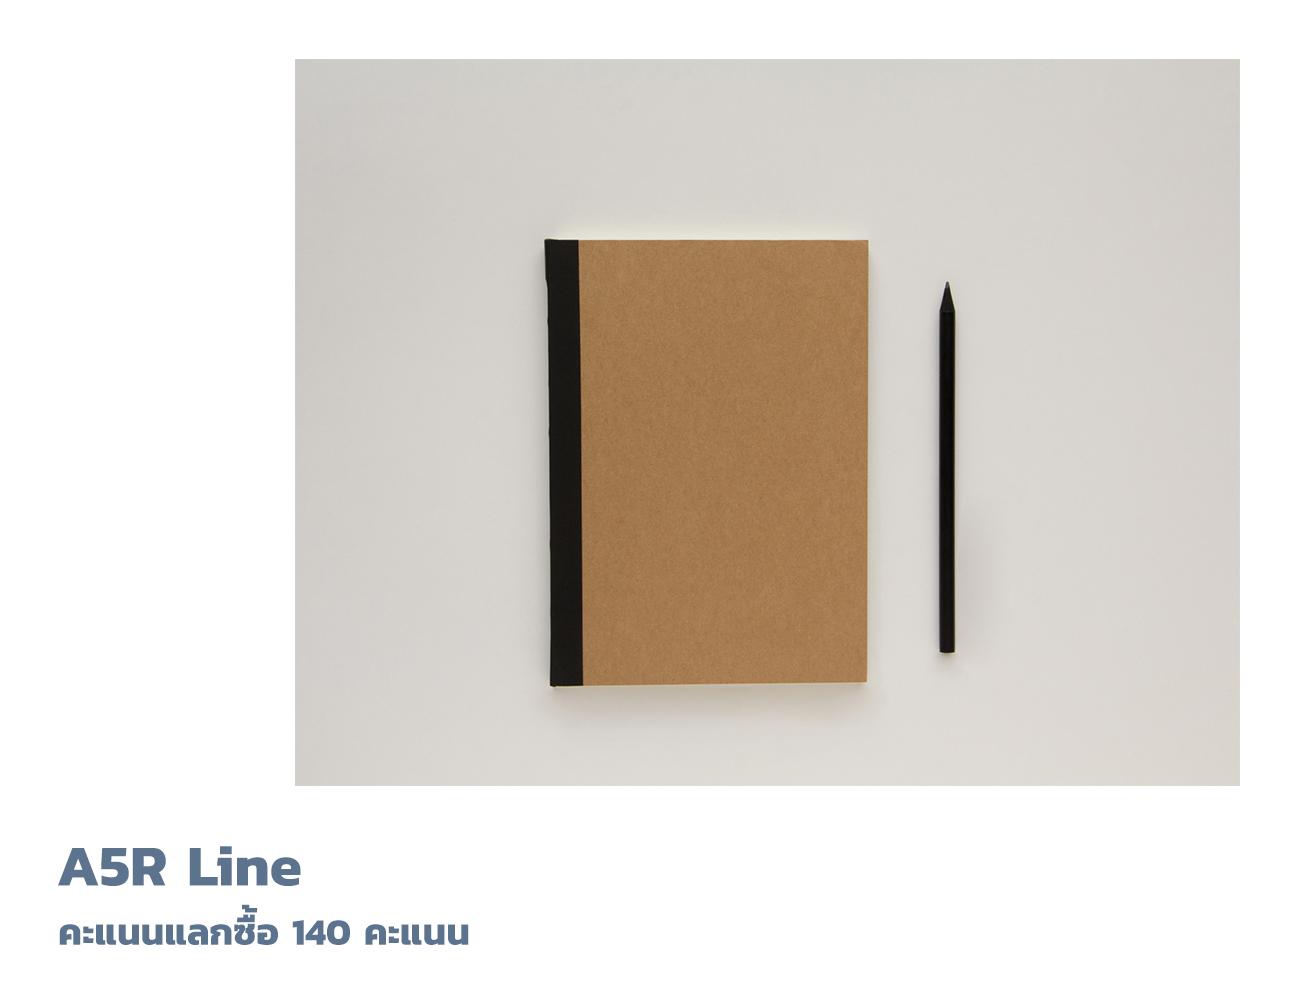 A5R Line